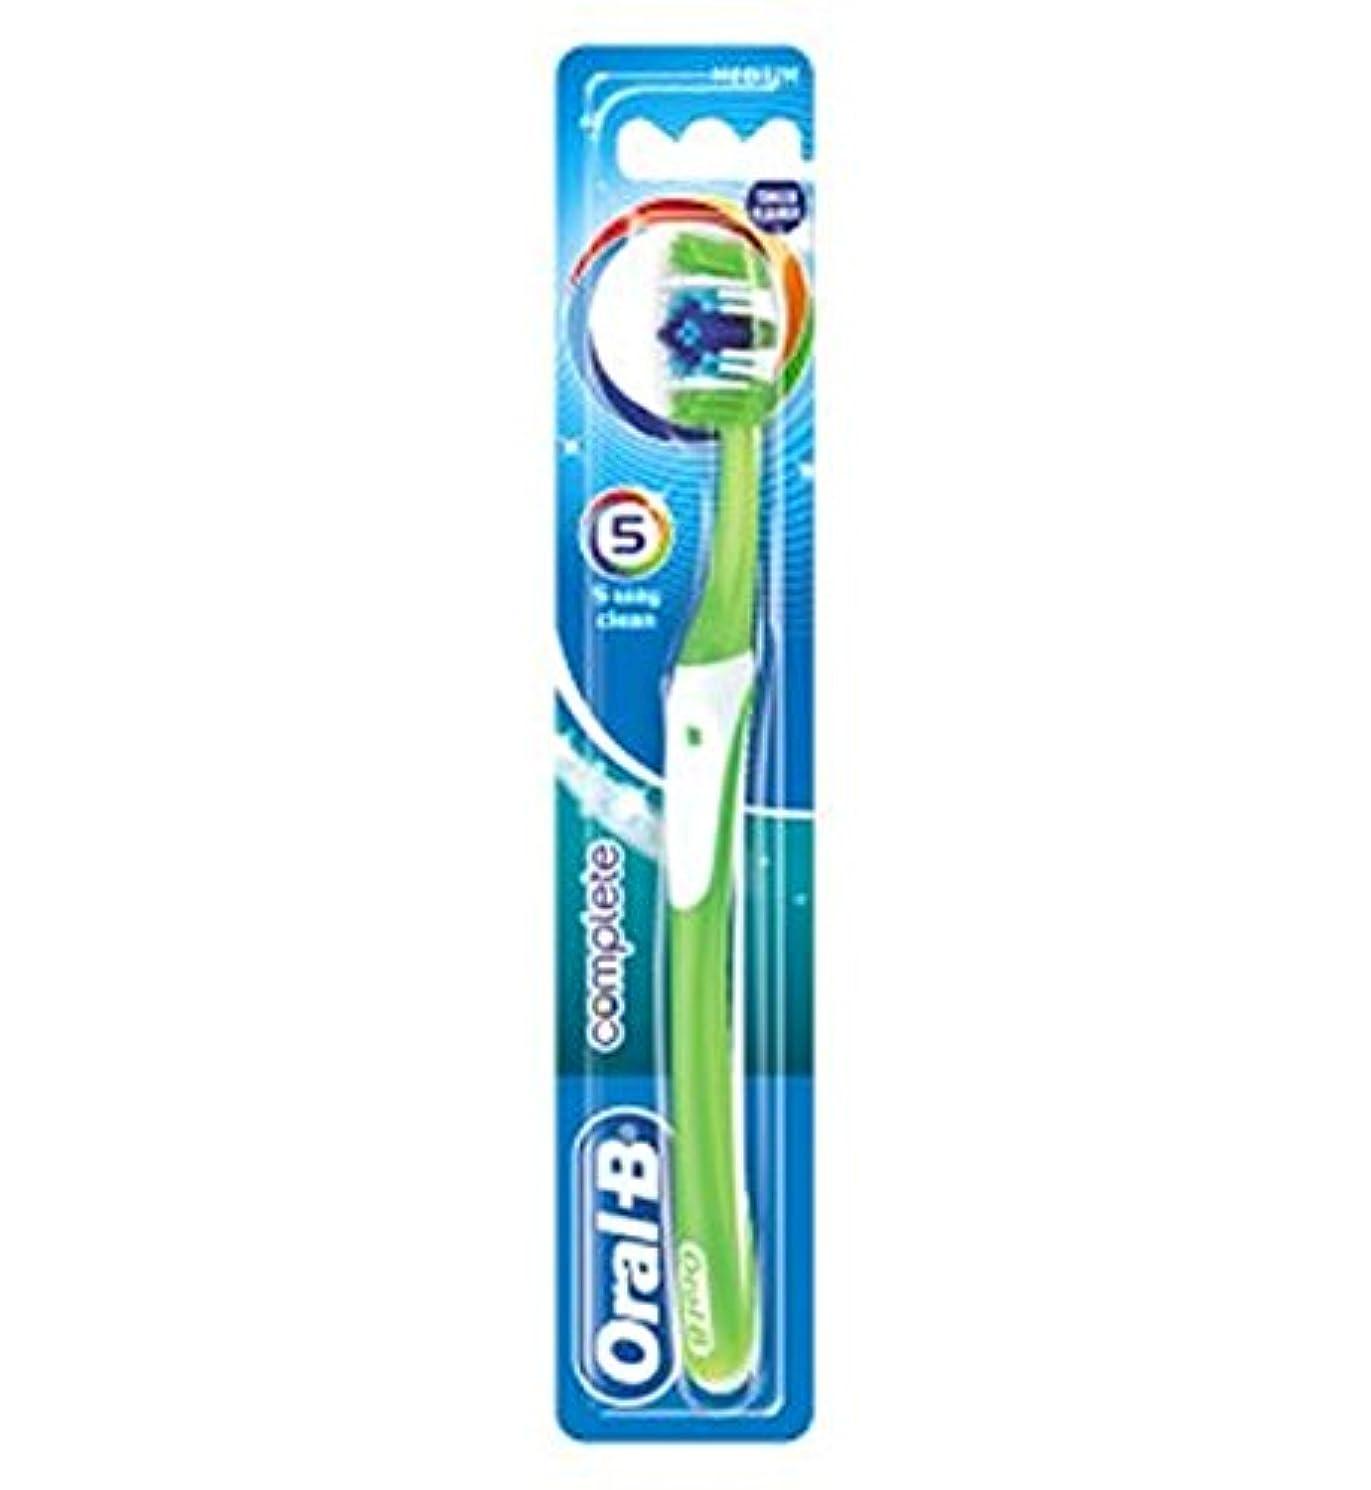 導出無駄な許可Oral-B Complete 5 Way Clean Medium Manual Toothbrush - オーラルBの完全な5道クリーンなメディアの手動歯ブラシ (Oral B) [並行輸入品]